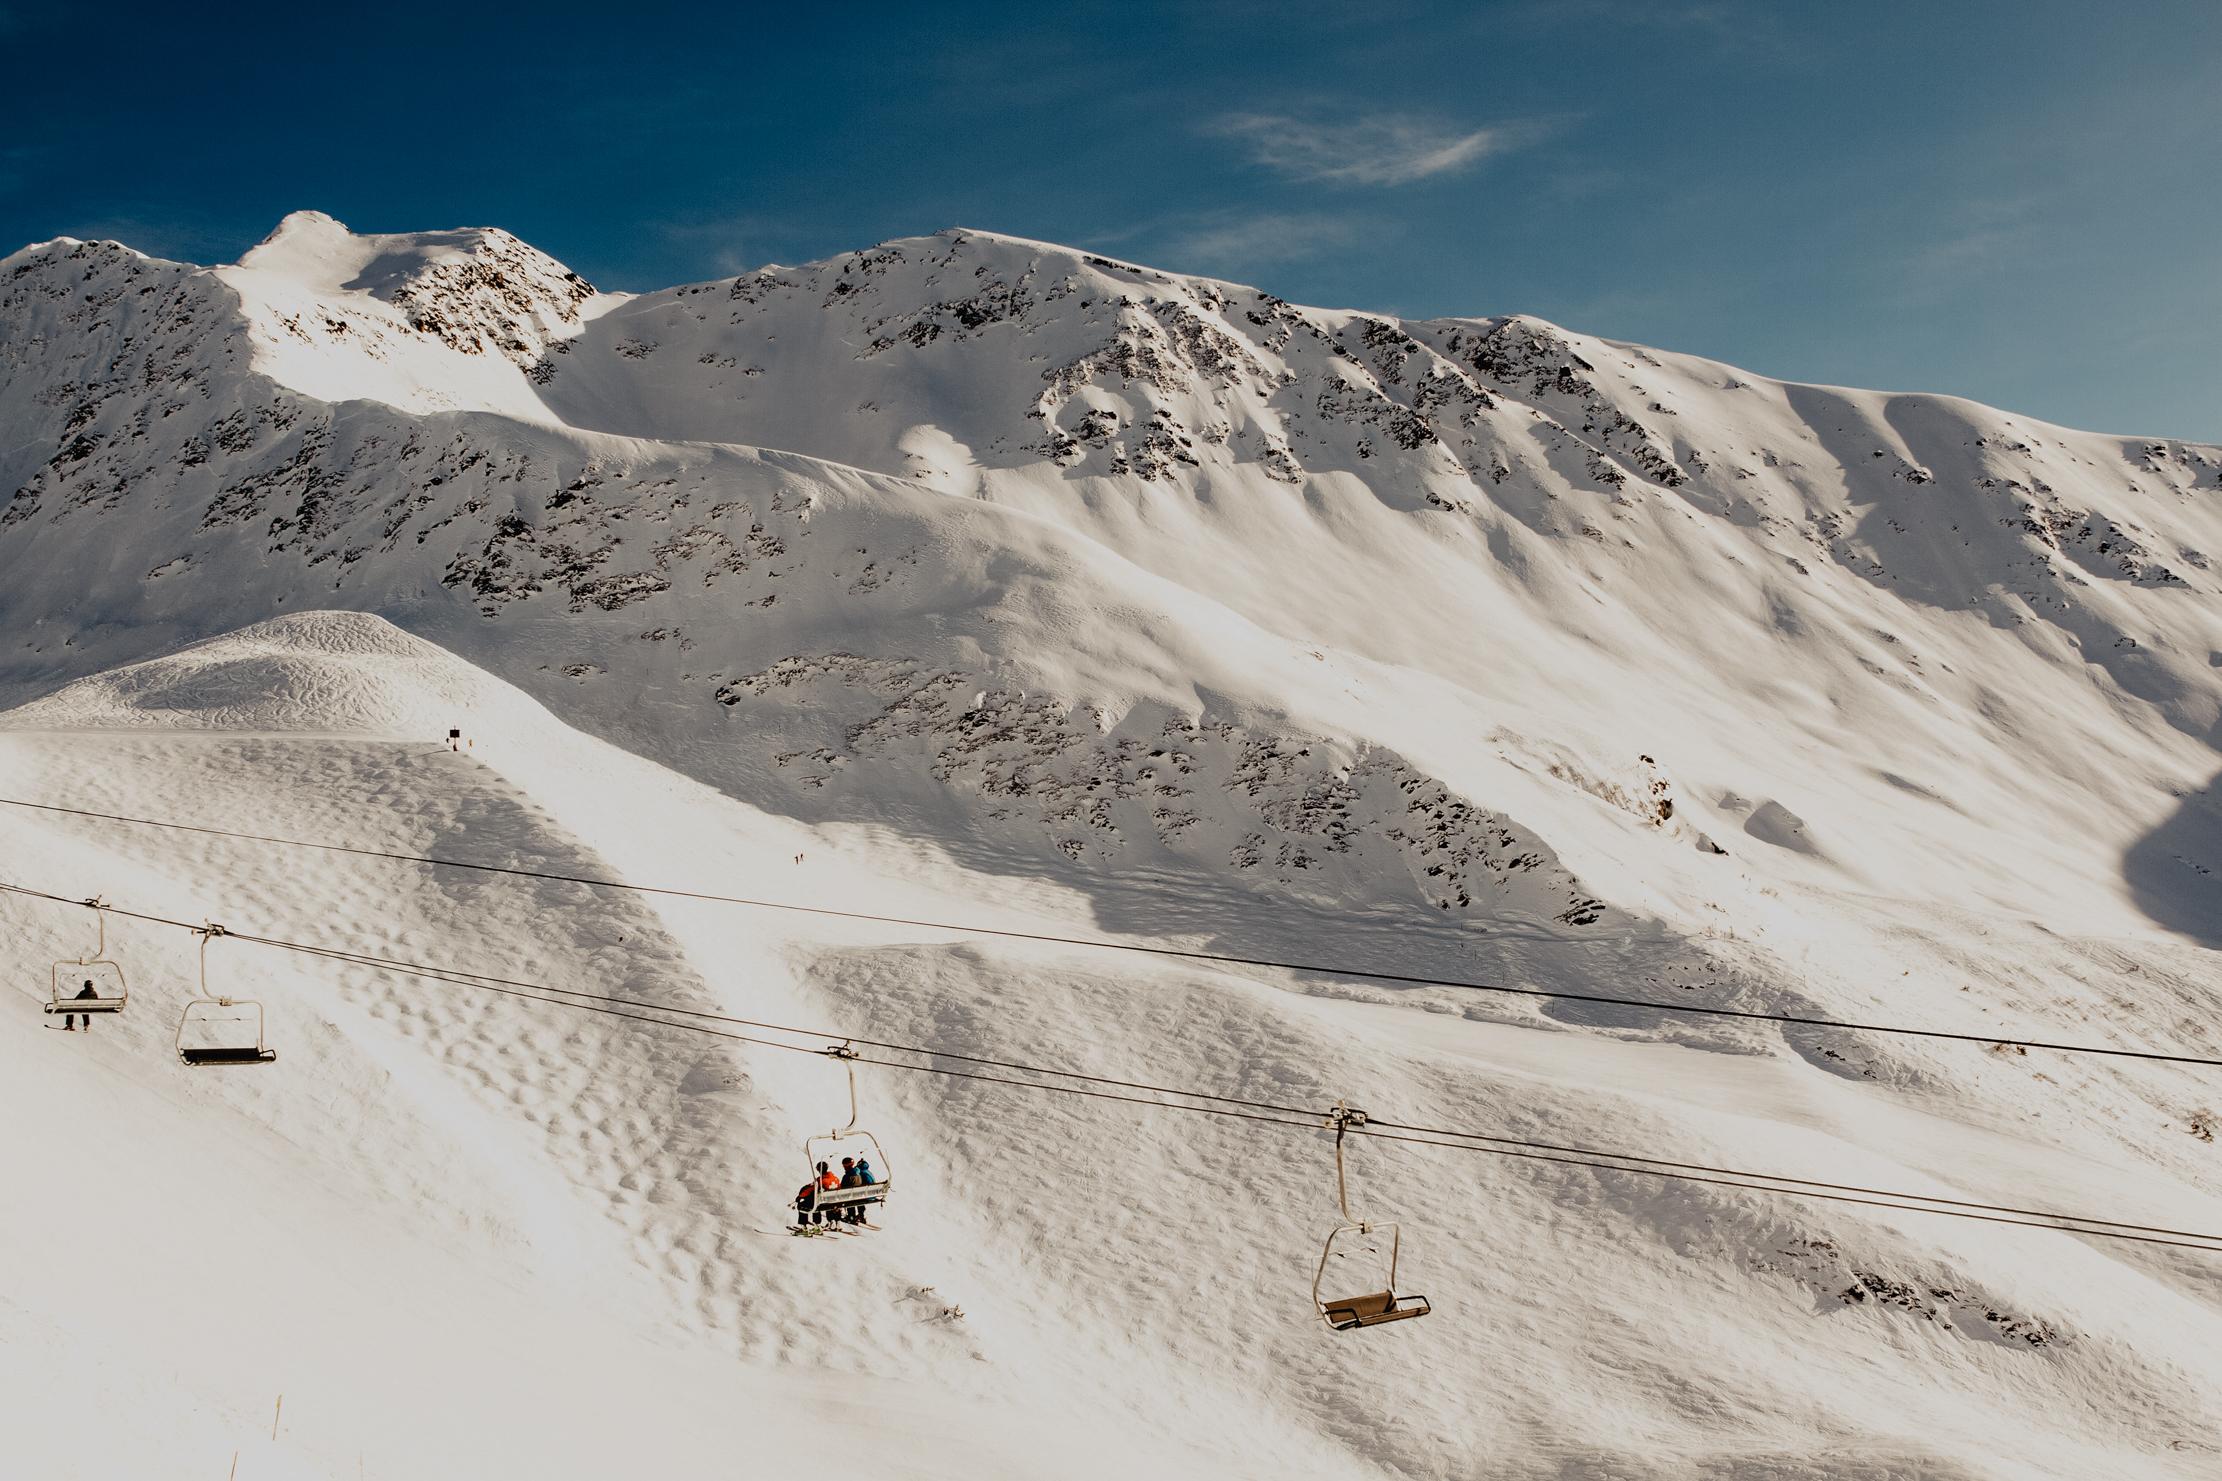 Alaska Ski Resort | Adventure Photographer